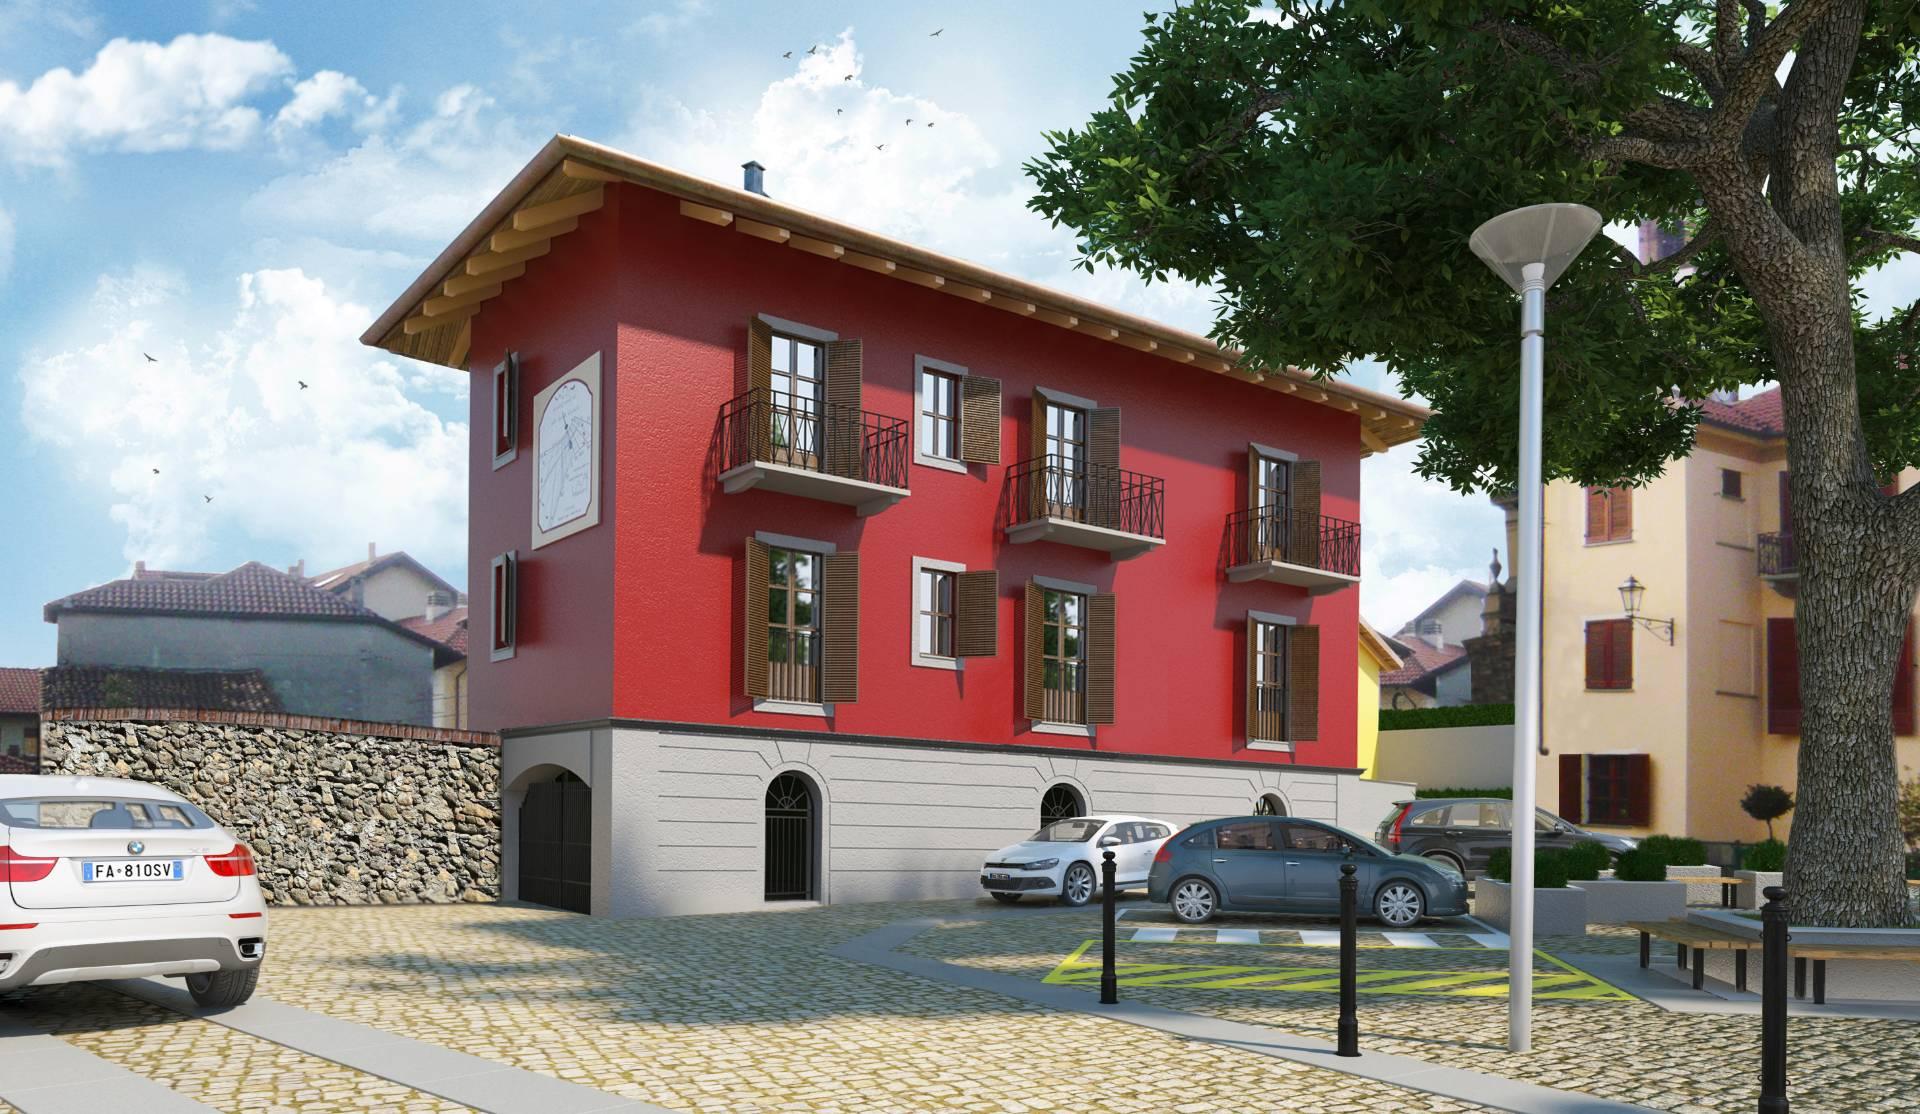 Appartamento in vendita a Villarbasse, 3 locali, zona Località: Centro, prezzo € 328.000 | CambioCasa.it